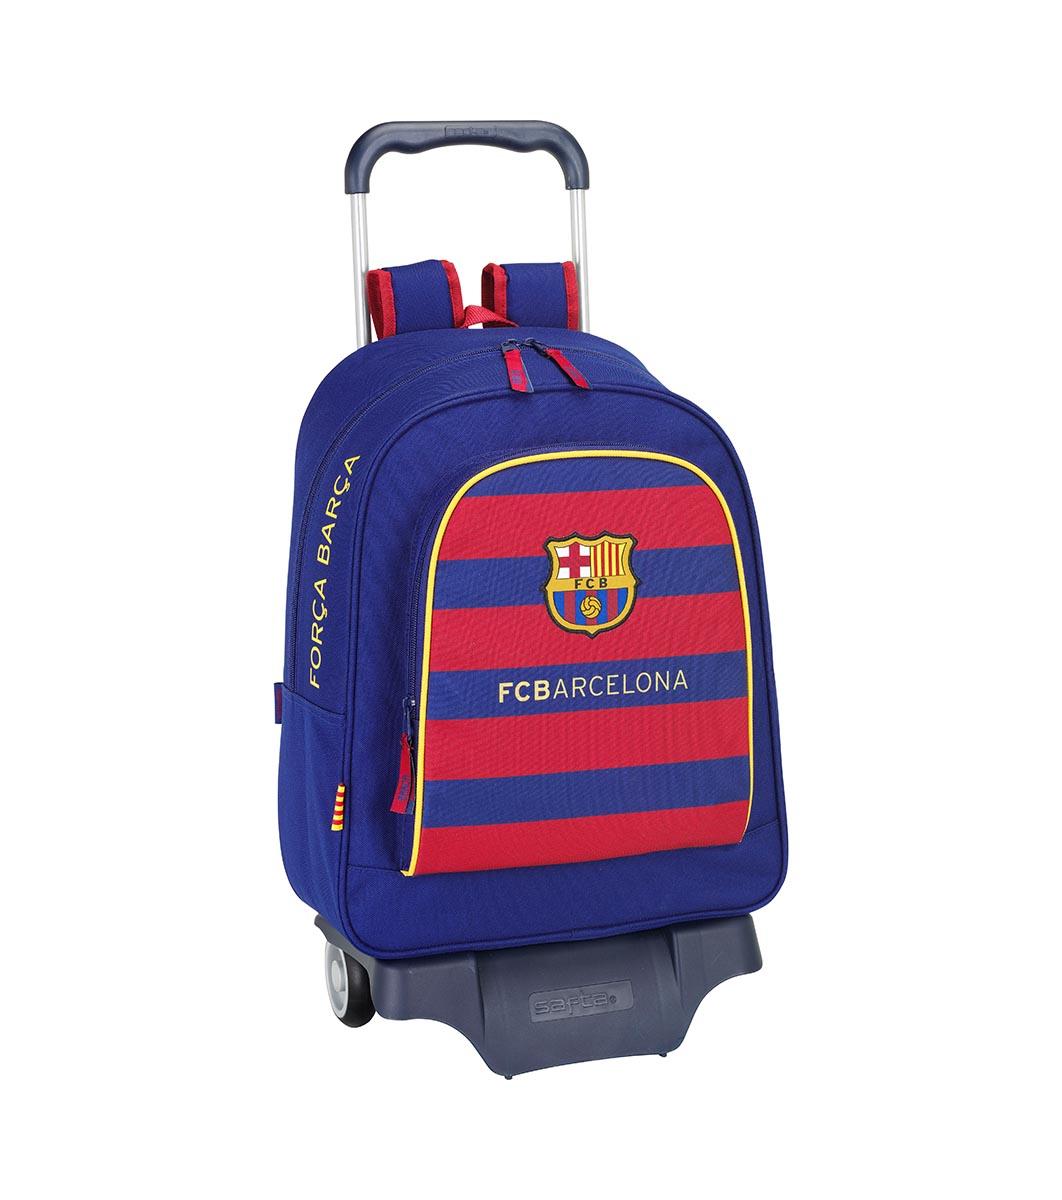 bd687389b6f Детска раница с колелца FC Barcelona - 726243 - Fashion Supreme.co.uk